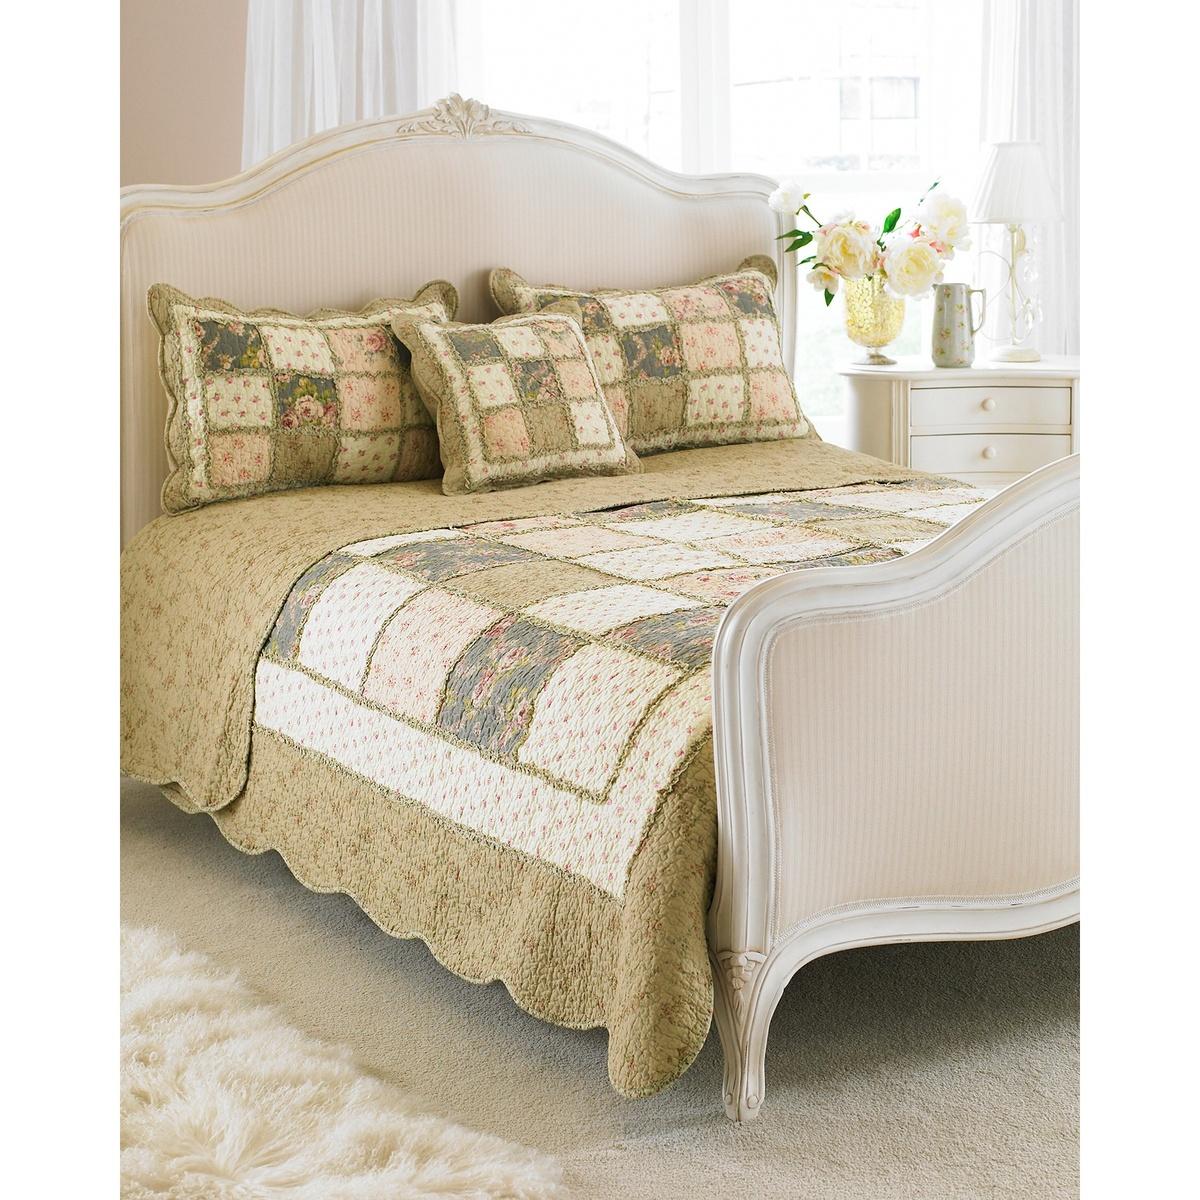 (リーヴァ・ホーム) Riva Home アヴィニョン ベッドスプレッド ベッドカバー(装飾用) フローラル 花柄 ベッド掛け 【海外直送】